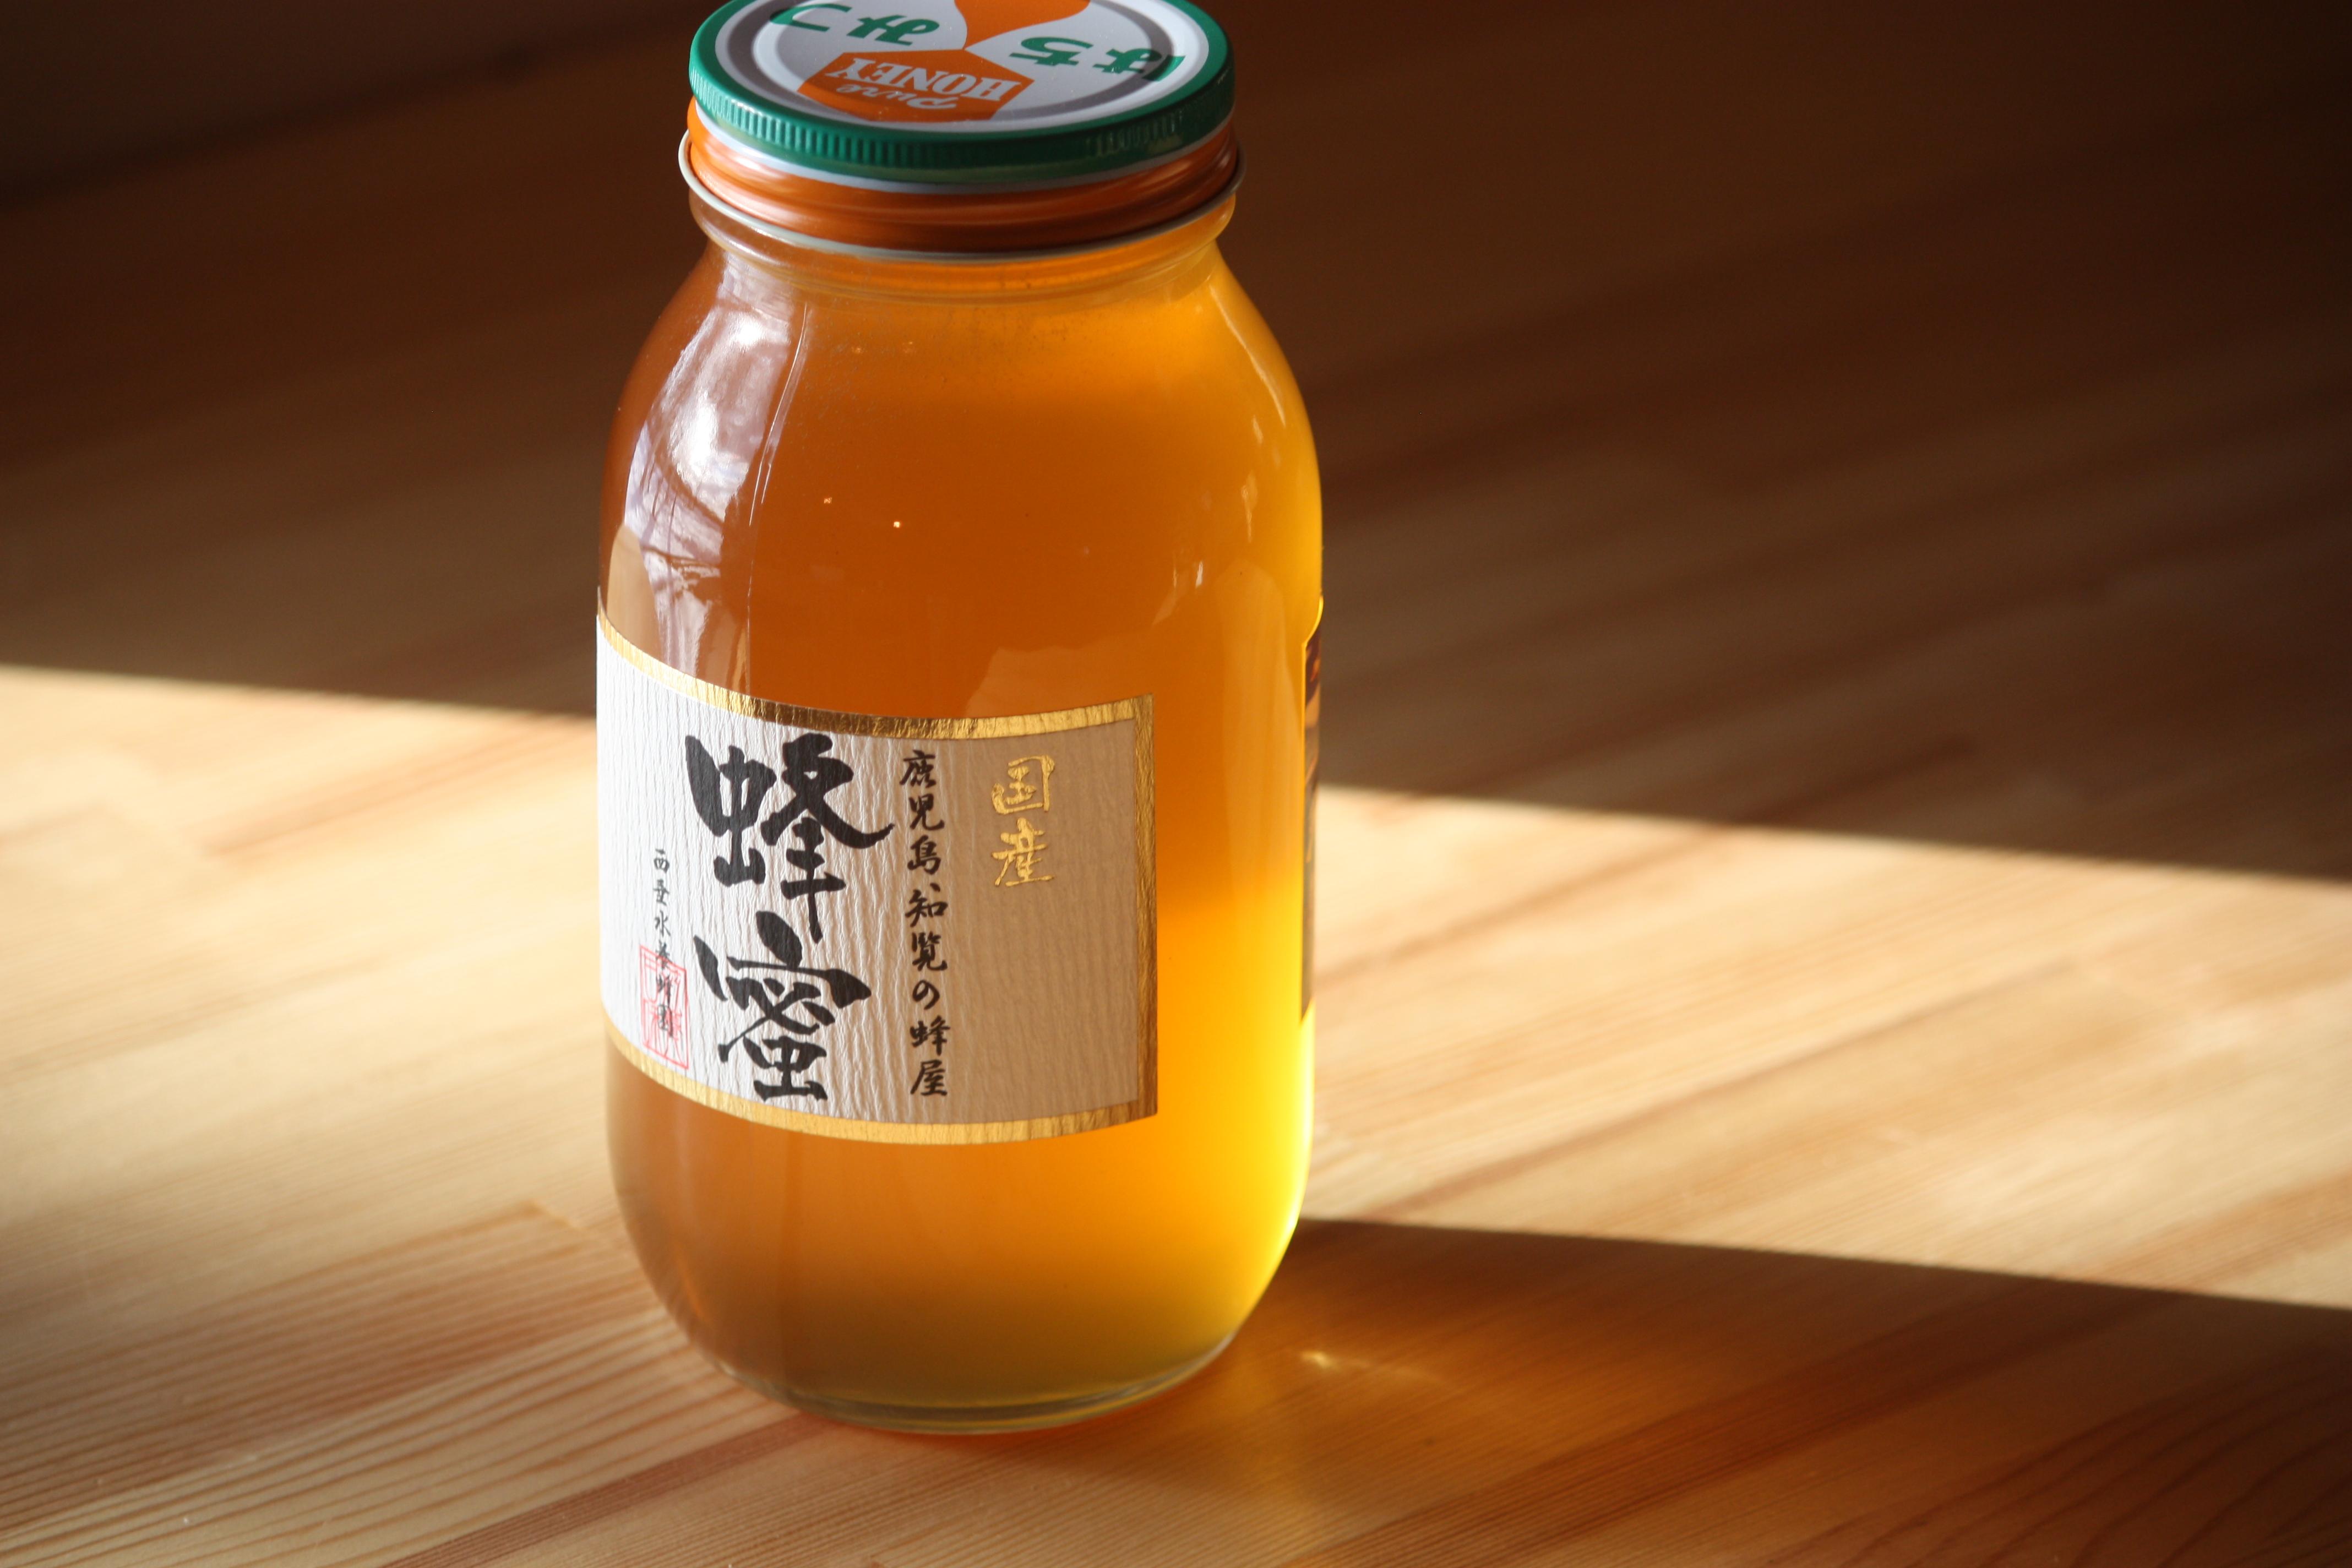 国産 キハダ蜜(シコロ) 1200g 日本産